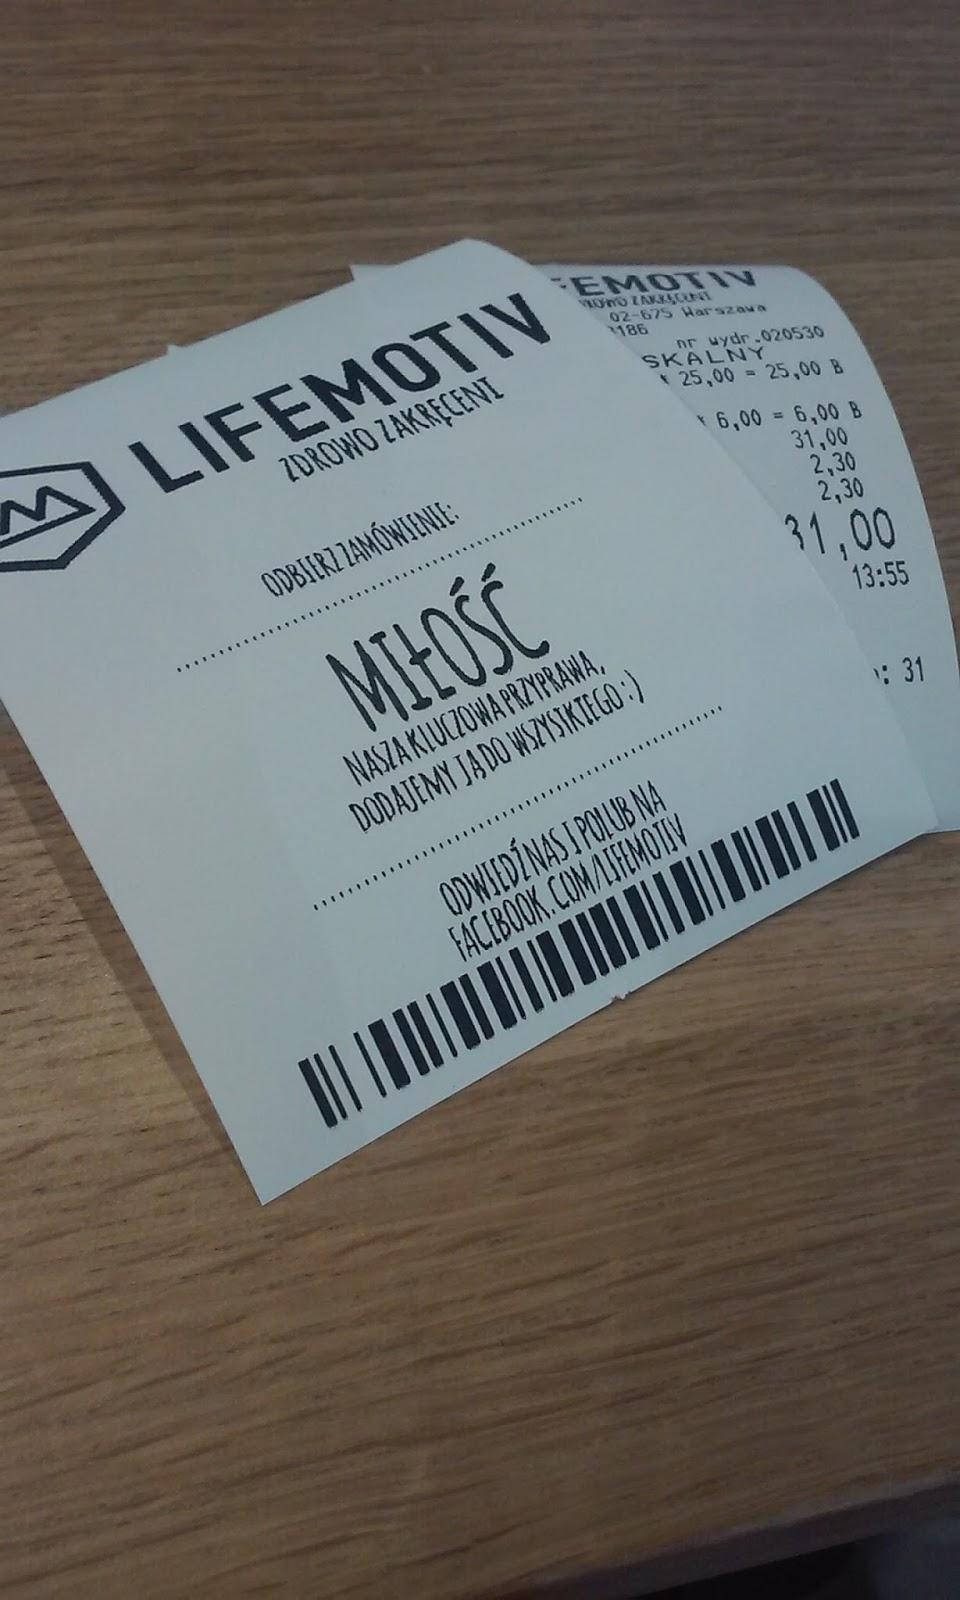 Zdrowe Jedzenie Na Miescie Lifemotiv Galeria Mokotow Warszawa